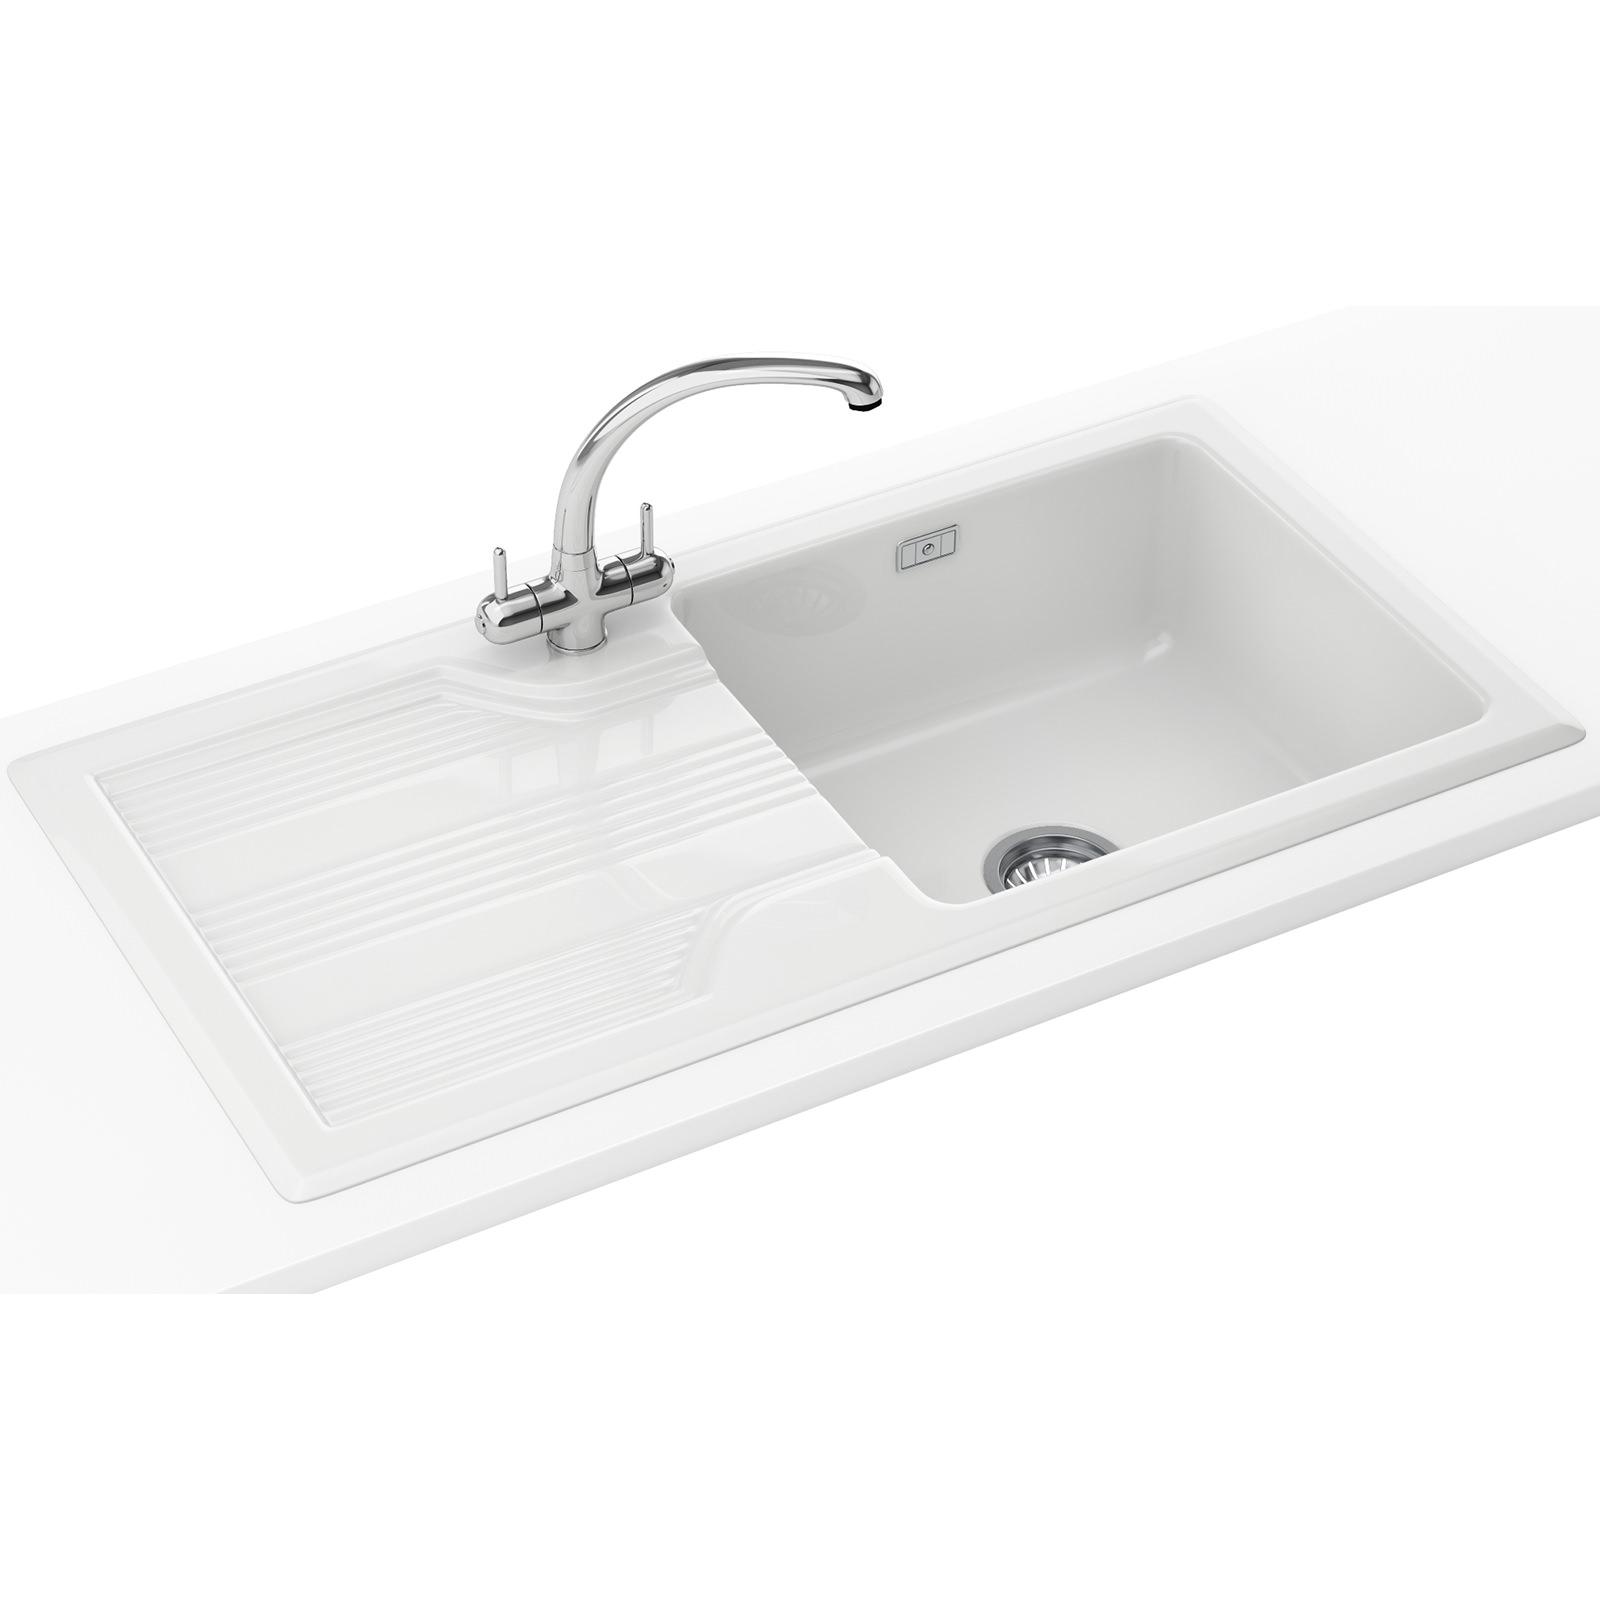 Franke Galassia Propack GAK 611 Ceramic White Inset Sink